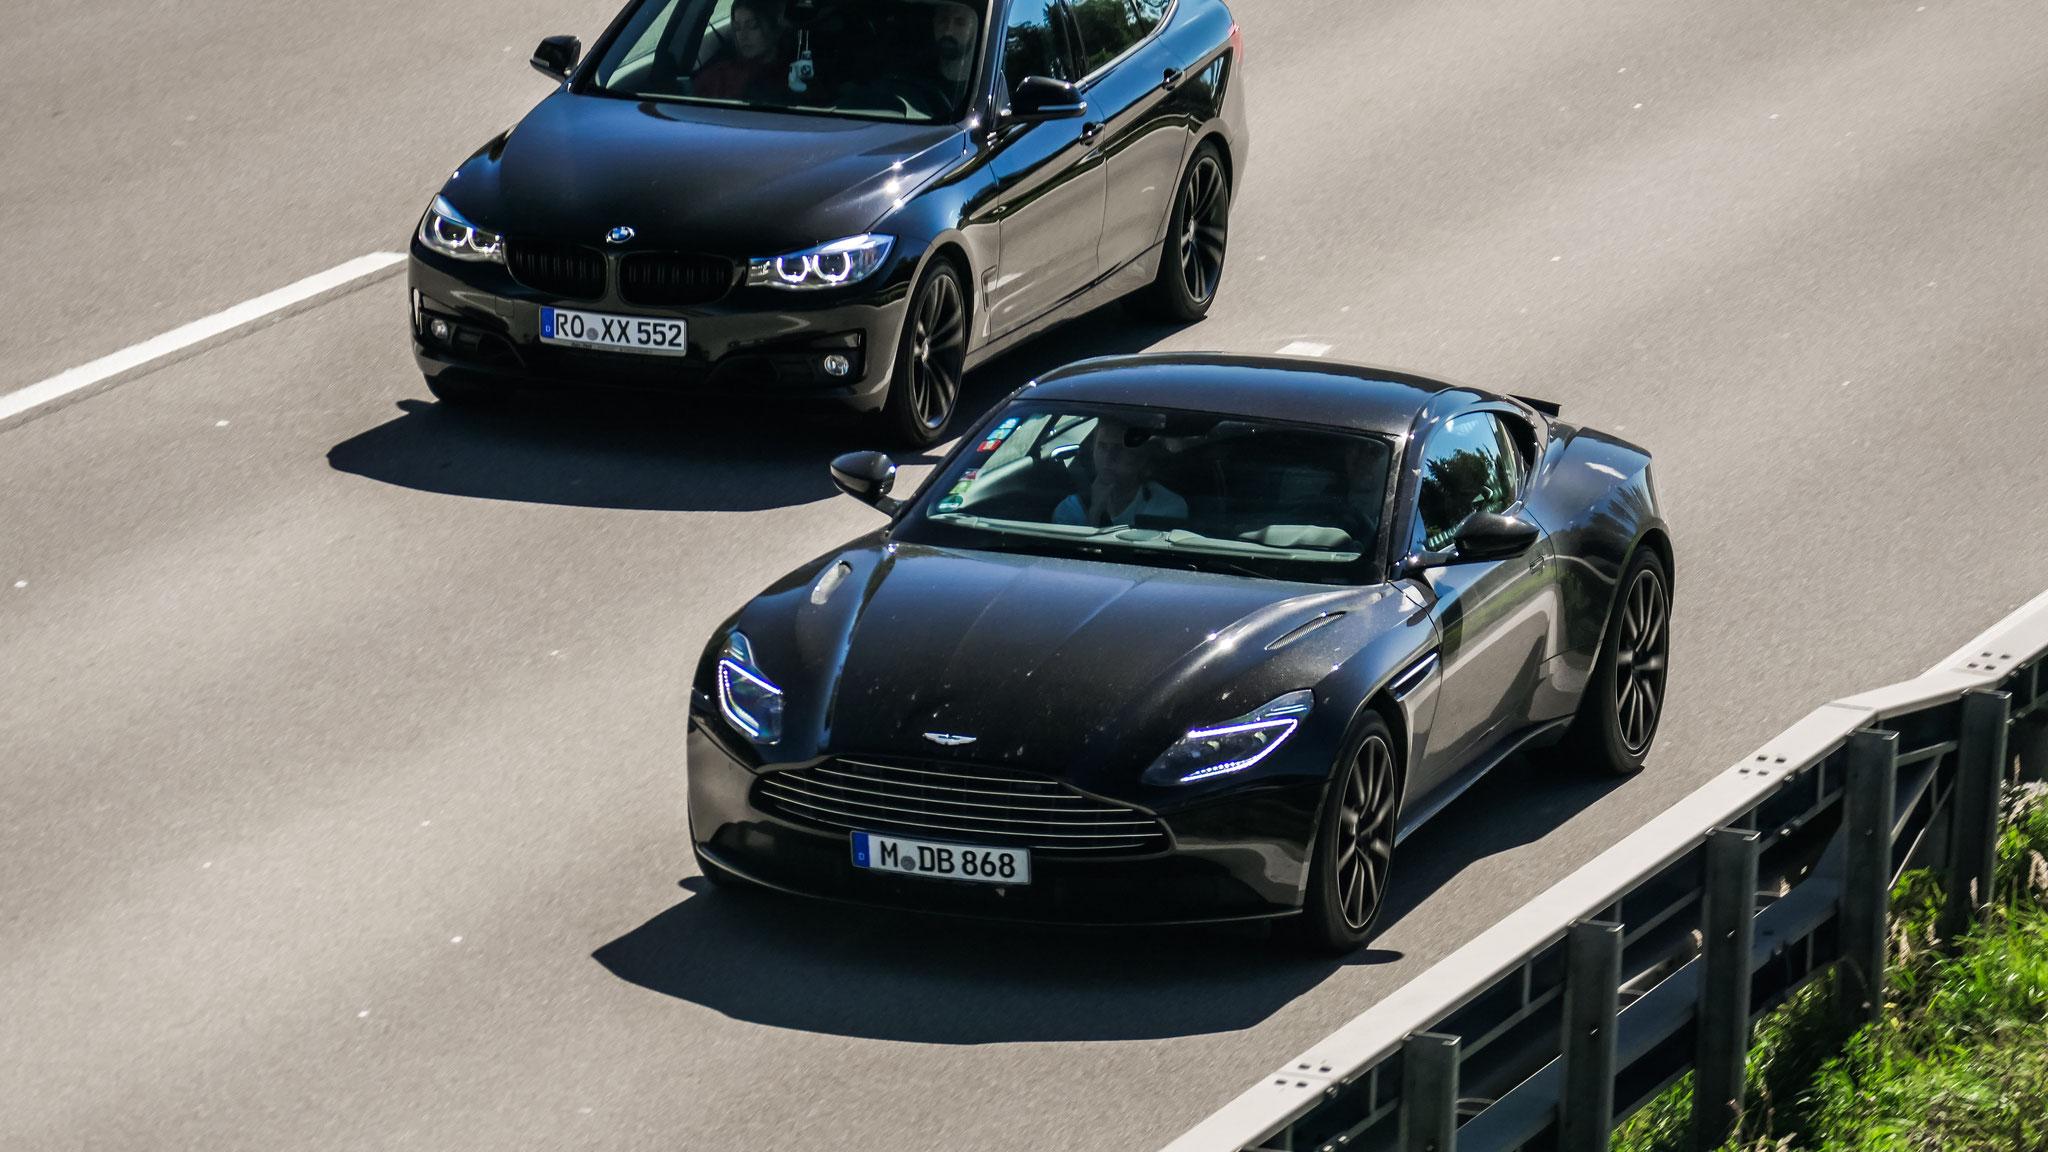 Aston Martin DB11 - M-DB-868